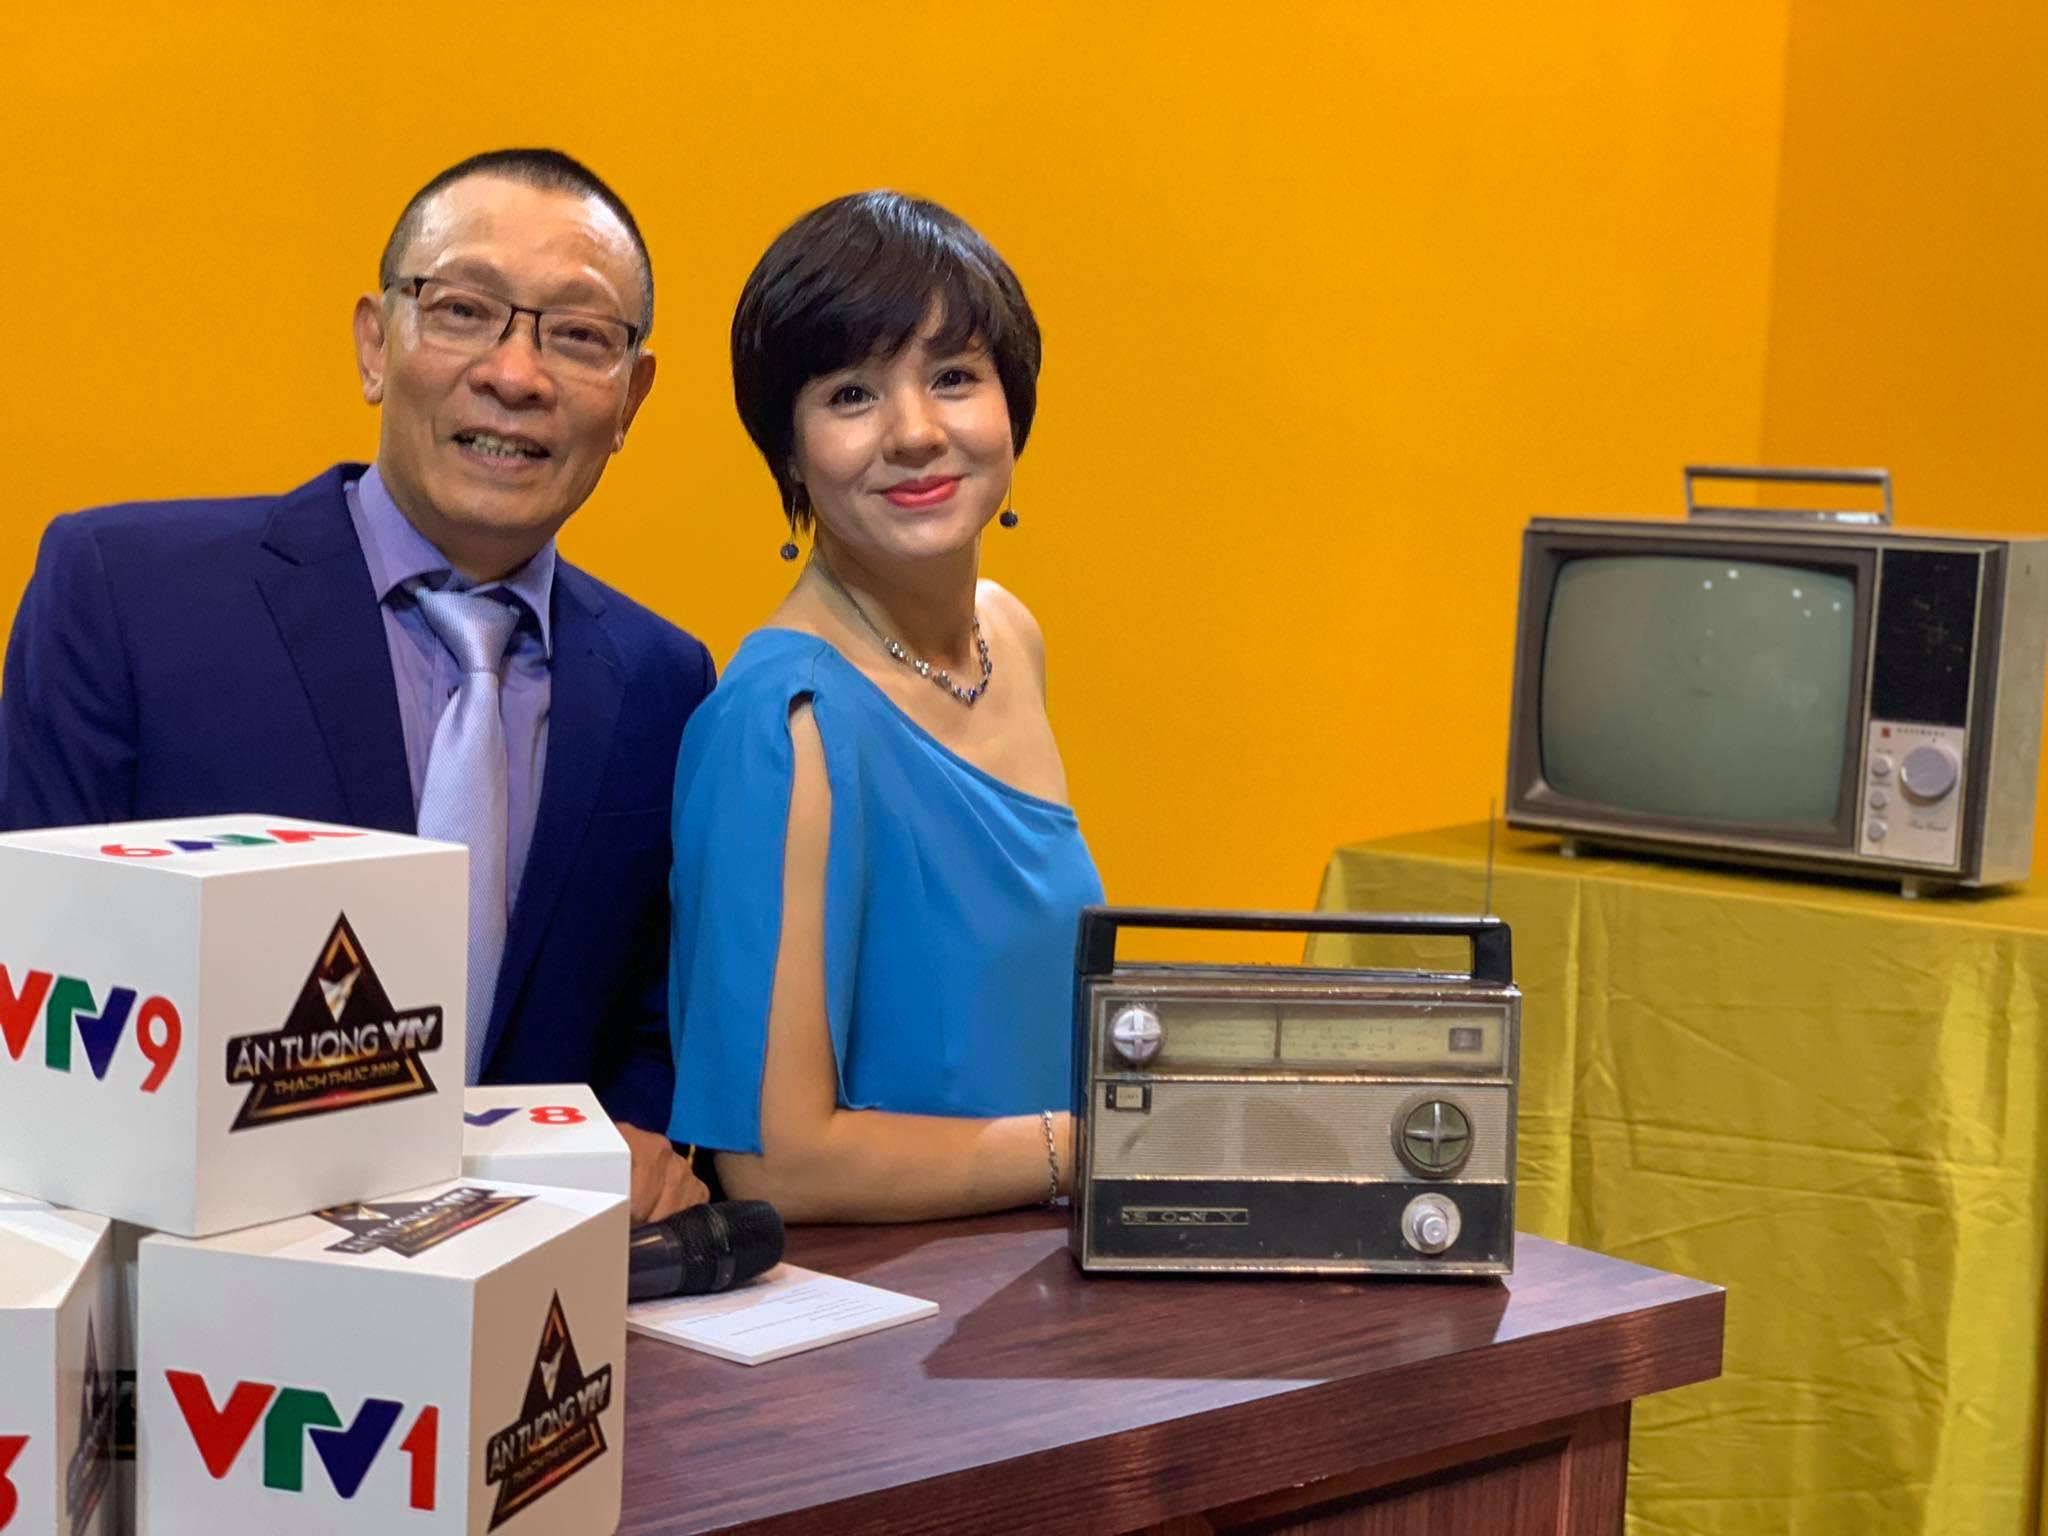 Bất ngờ với nhan sắc Trưởng ban VTV6 Diễm Quỳnh sau 22 năm dẫn sóng - 14